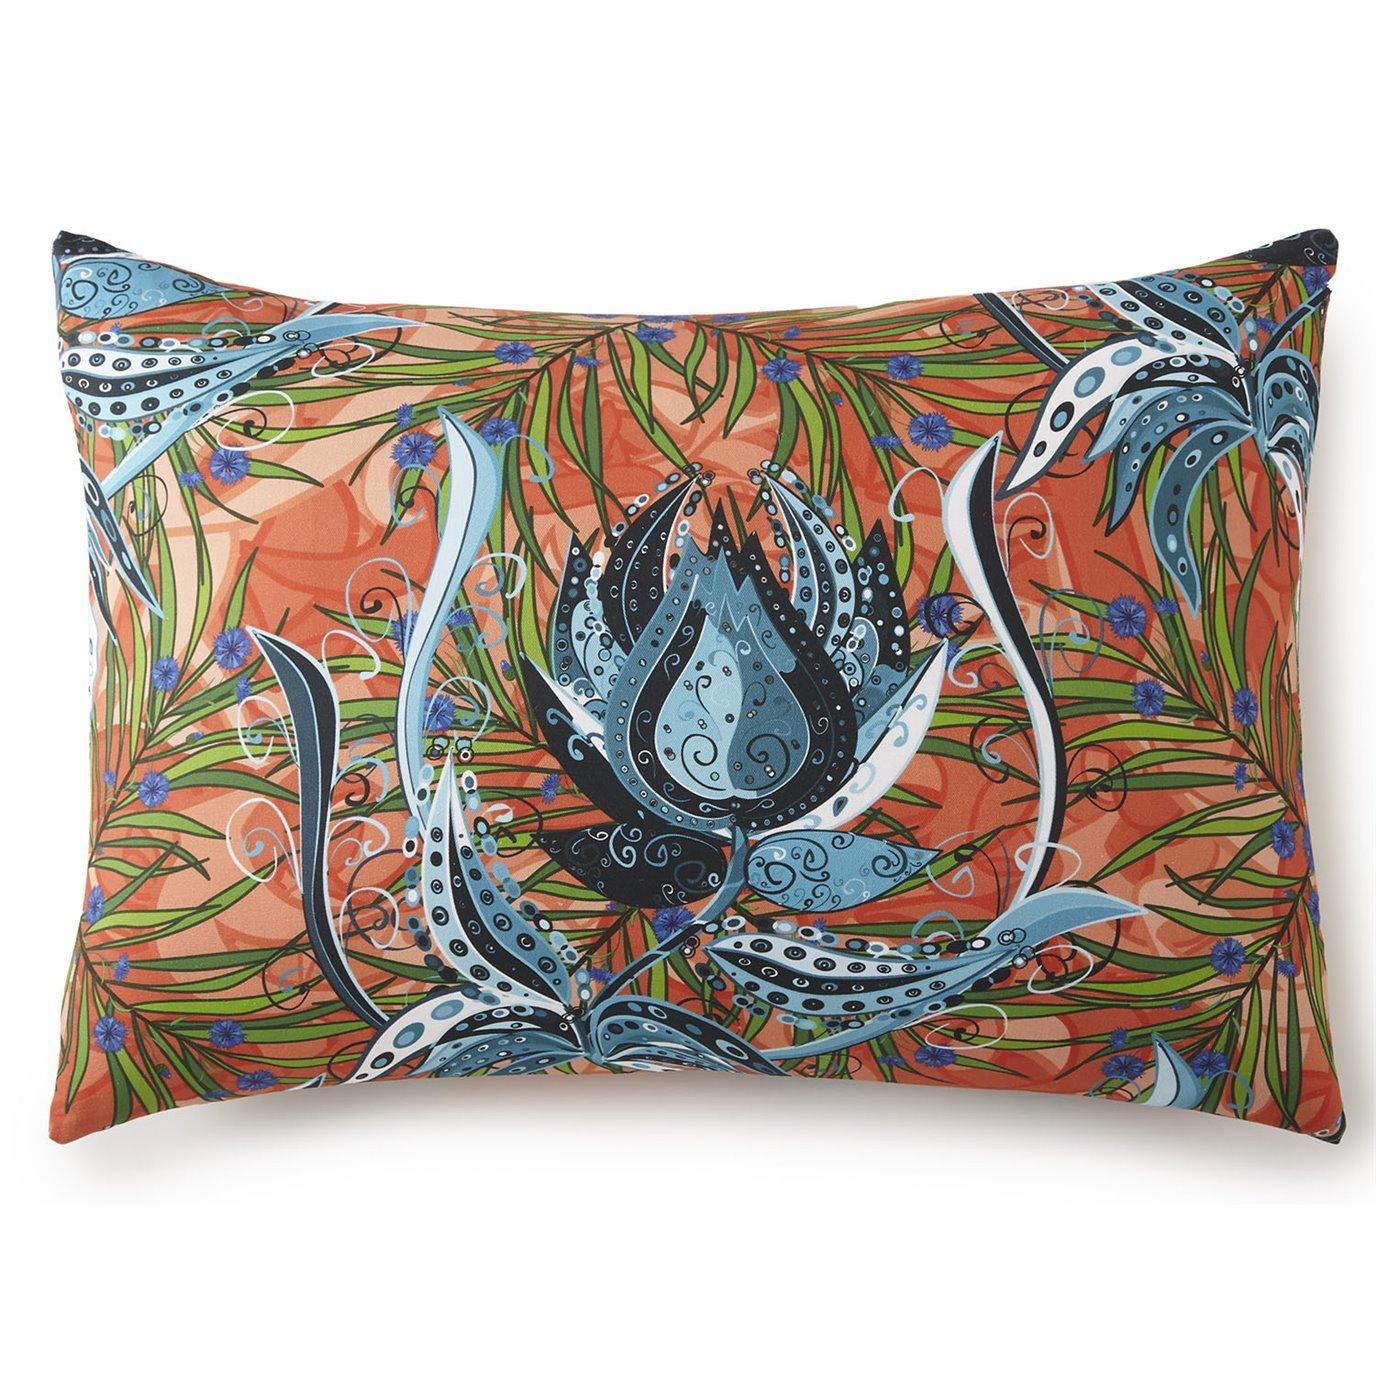 Tropical Bloom Pillow Sham Standard/Queen